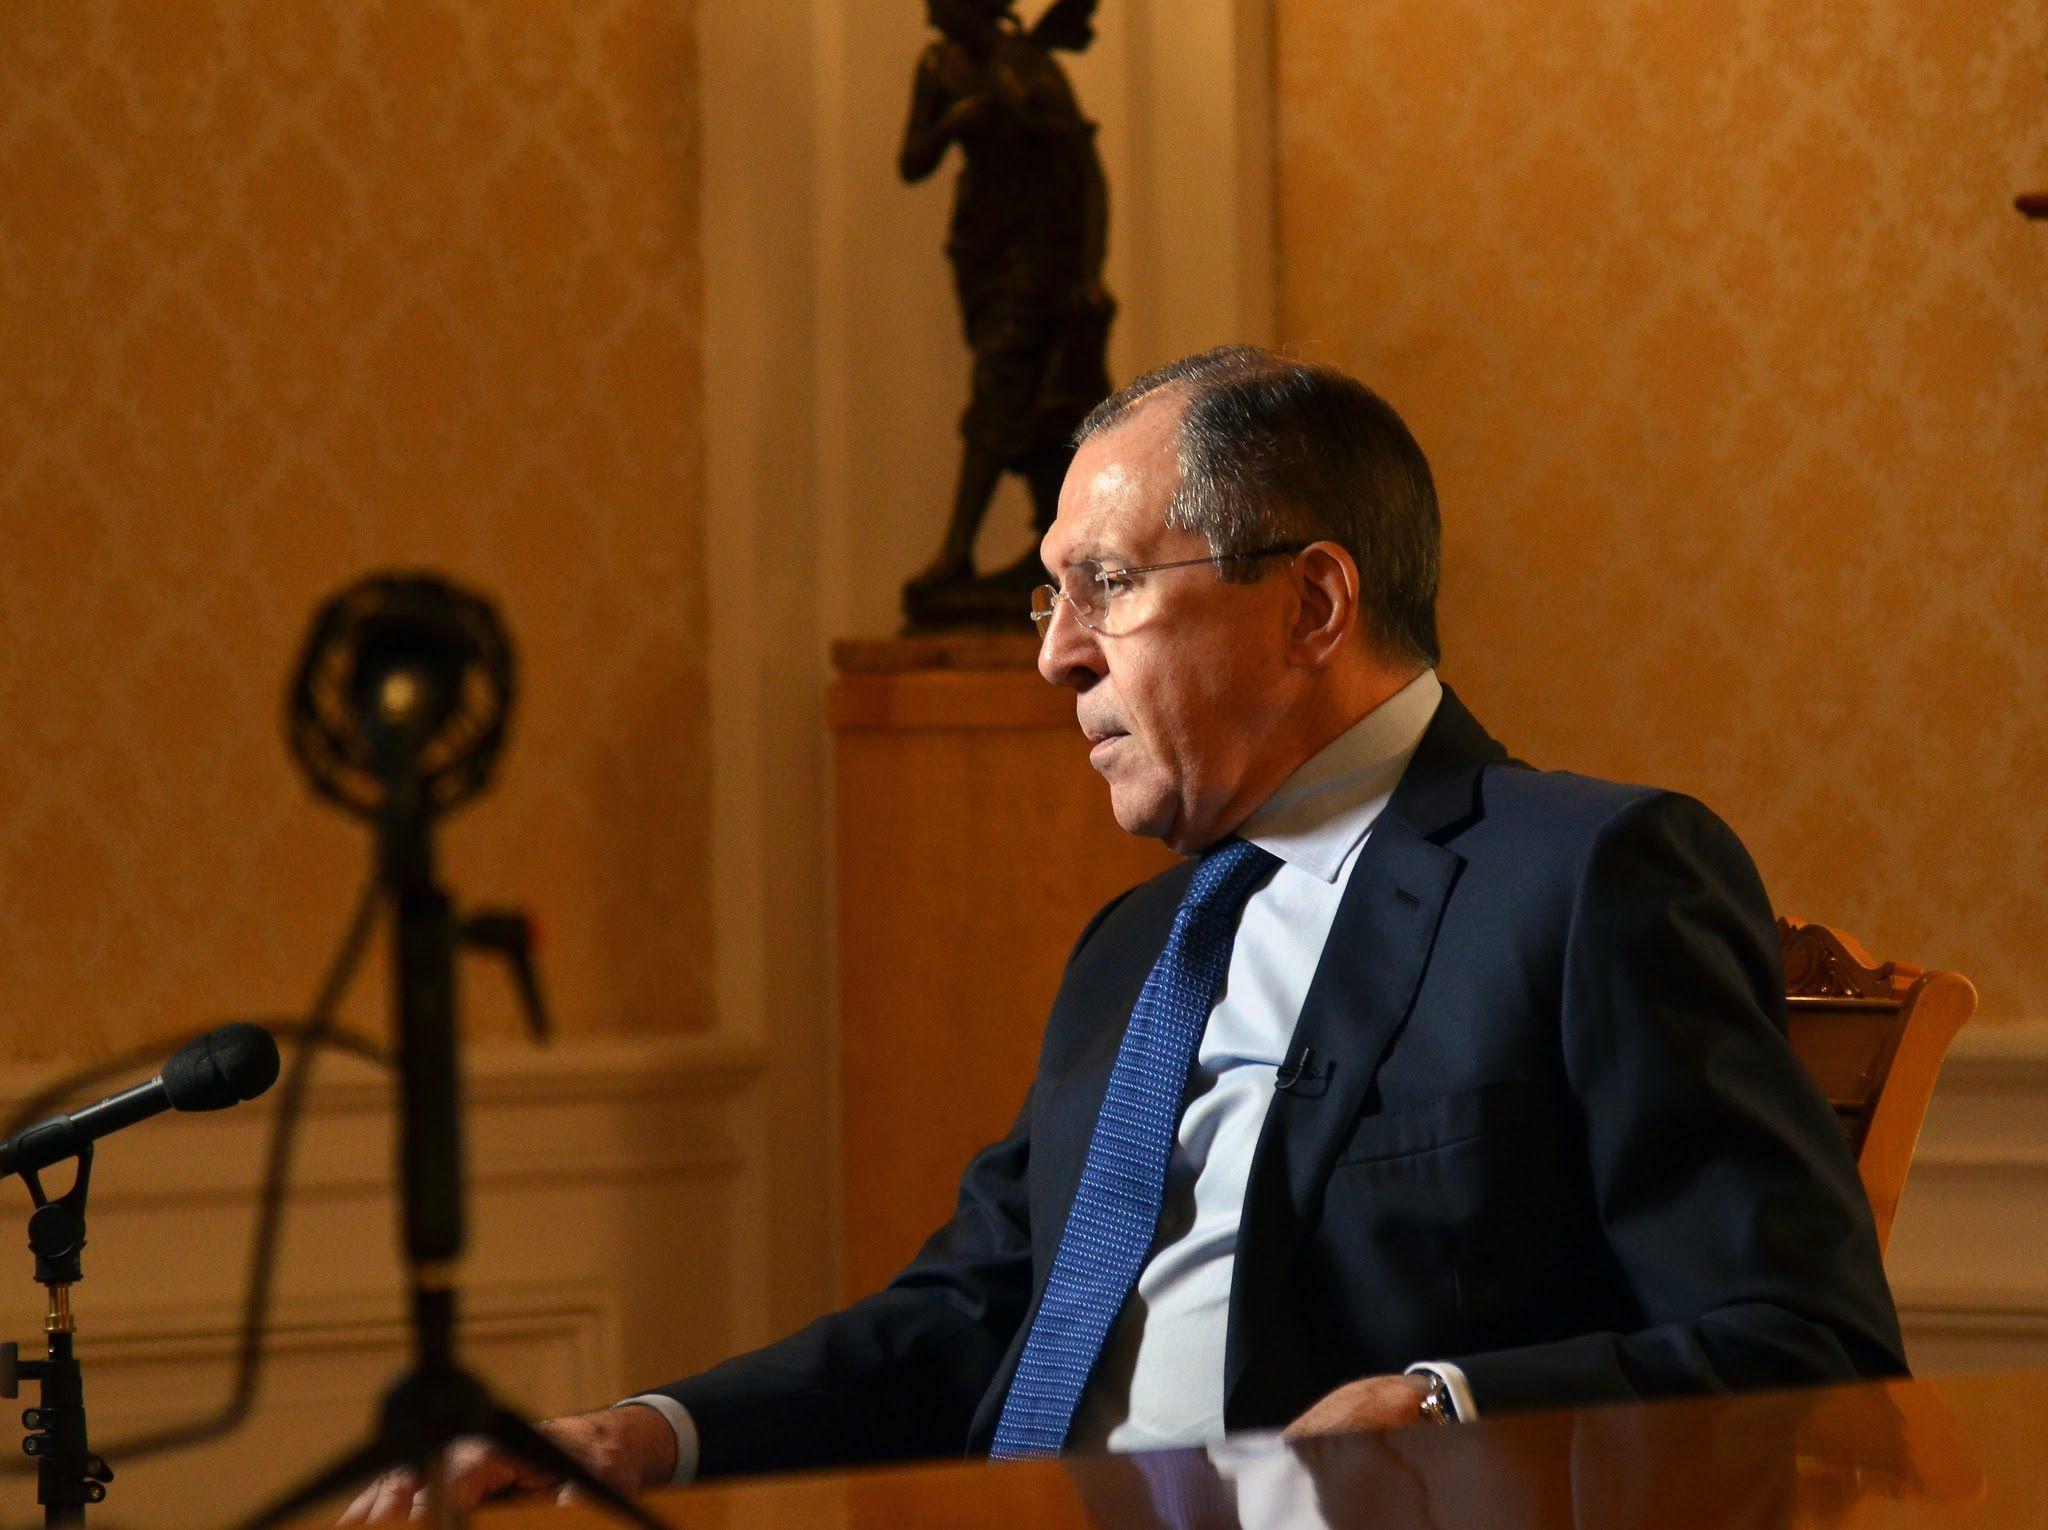 Сергей Лавров рассказал иностранным журналистам про отношения Россия - Запад